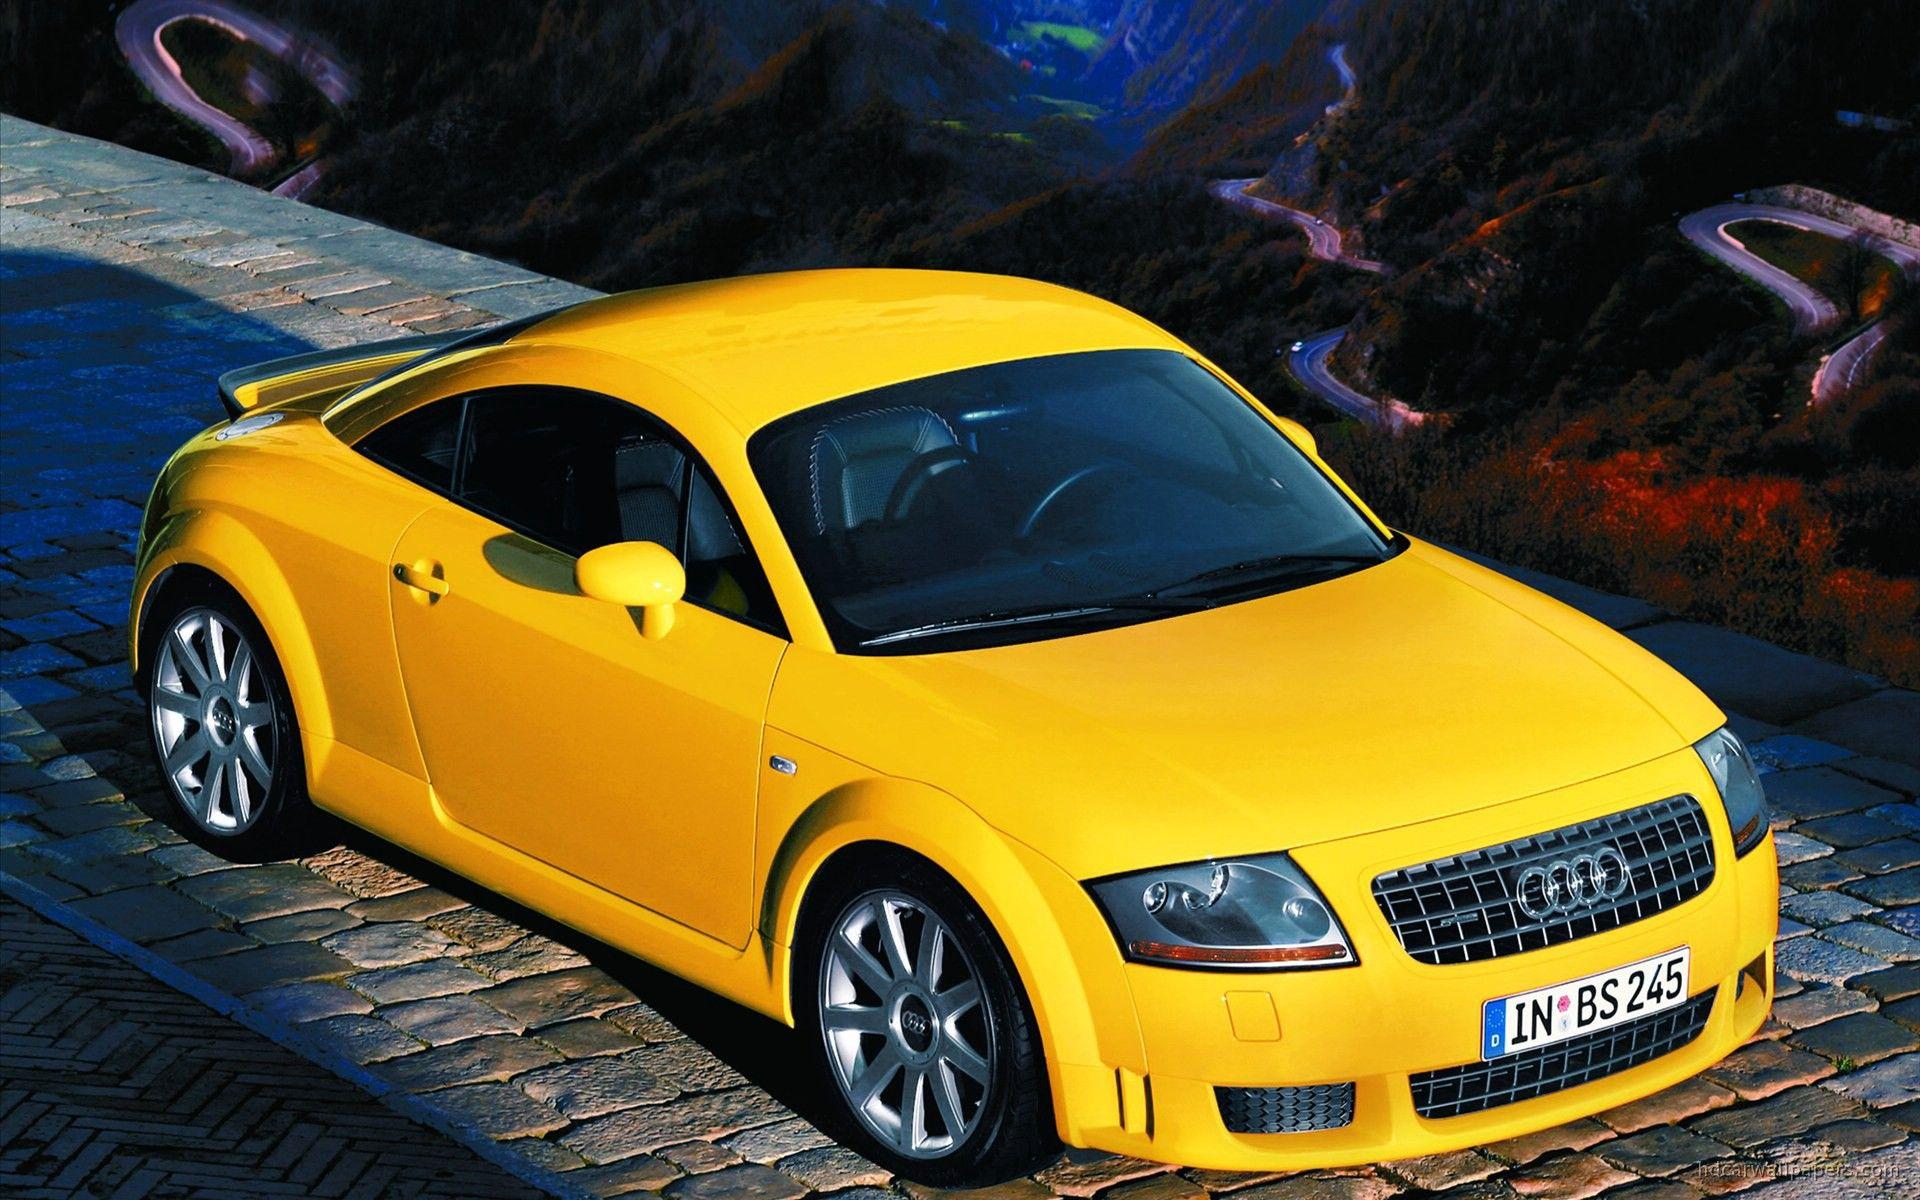 2000 audi tt | 2000 AUDI TT QUATTRO Photo Wallpaper | cars new and